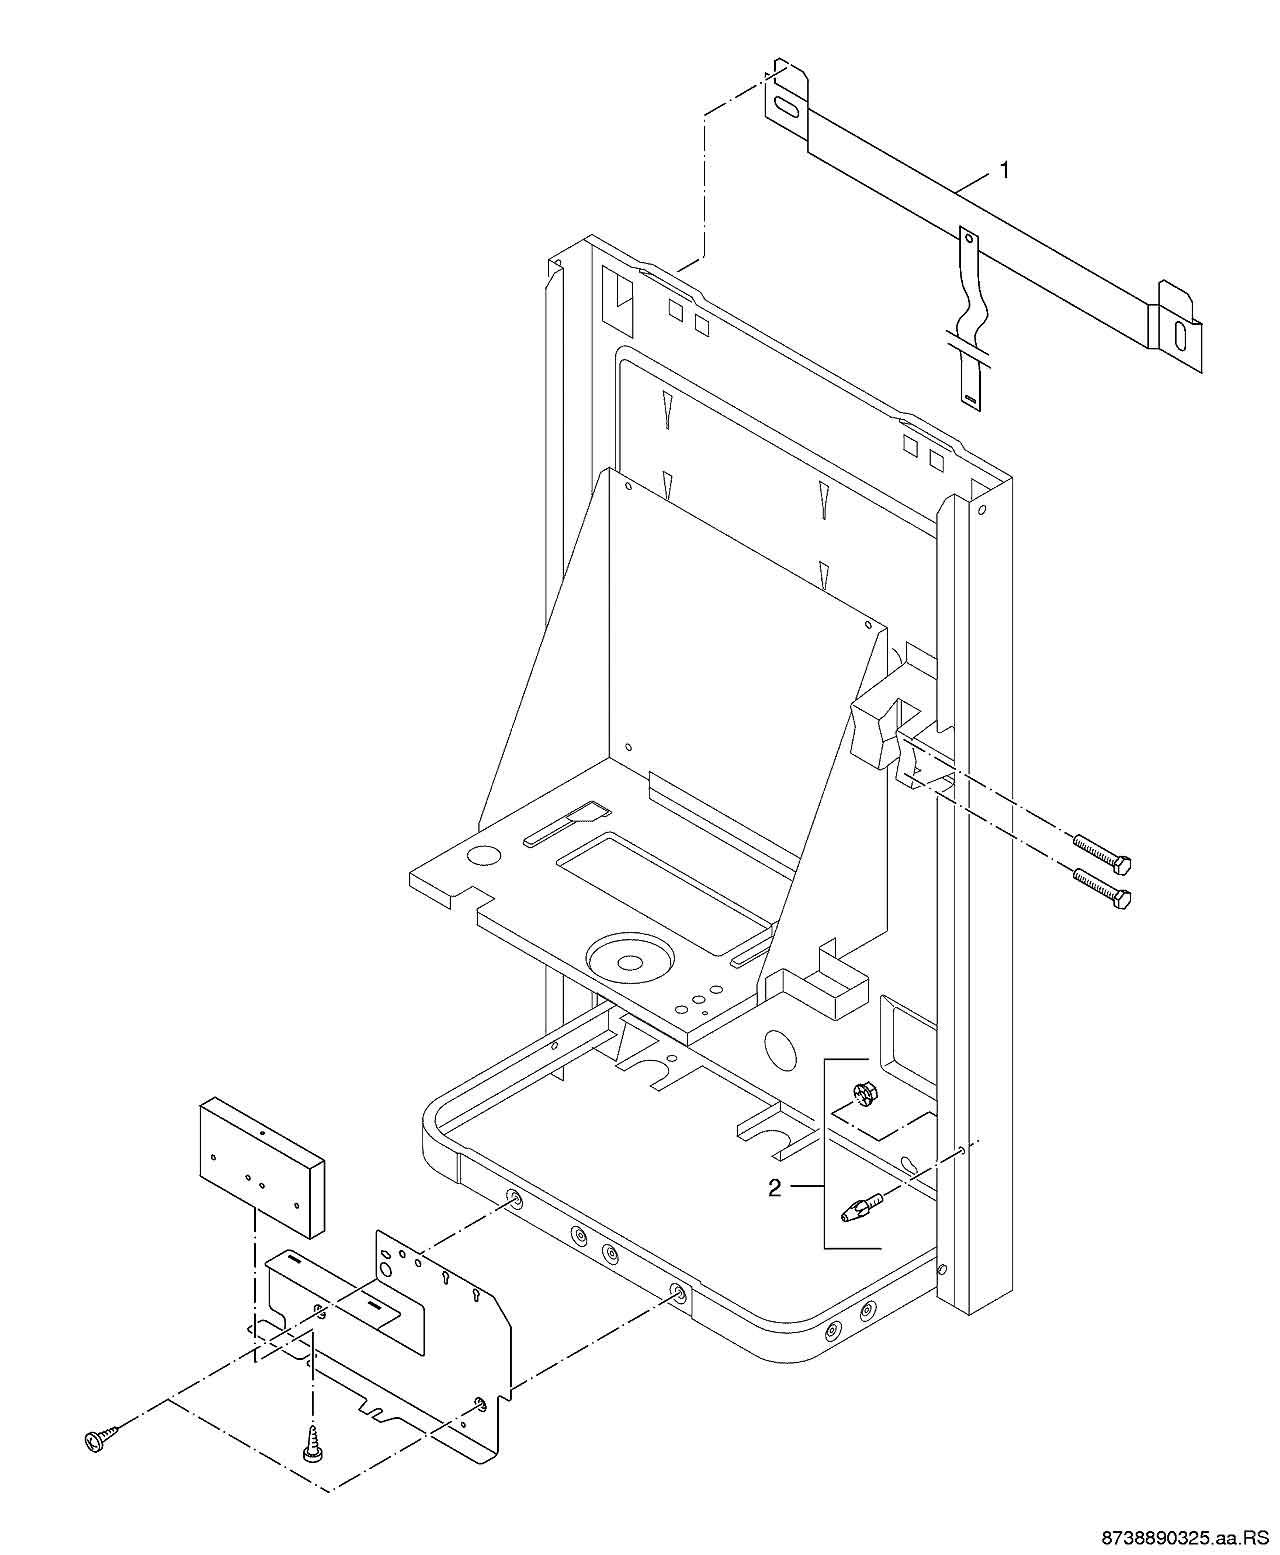 liebelt webshop 99 d bel schrauben set schalld mpfend 2stk g nstig online kaufen. Black Bedroom Furniture Sets. Home Design Ideas